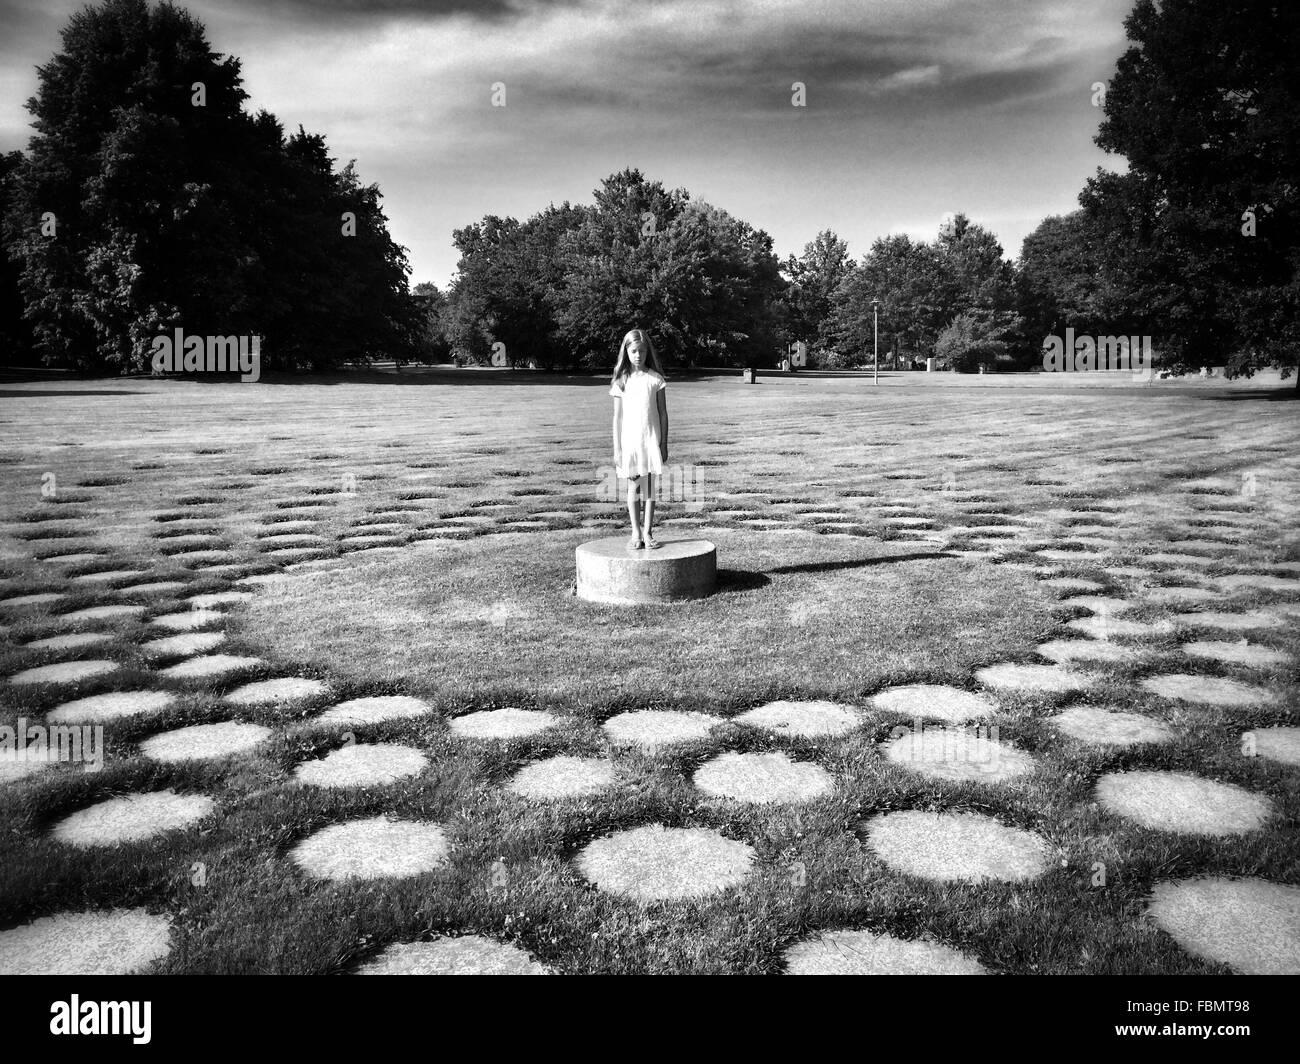 La longitud completa de la Mujer de pie en el parque Imagen De Stock